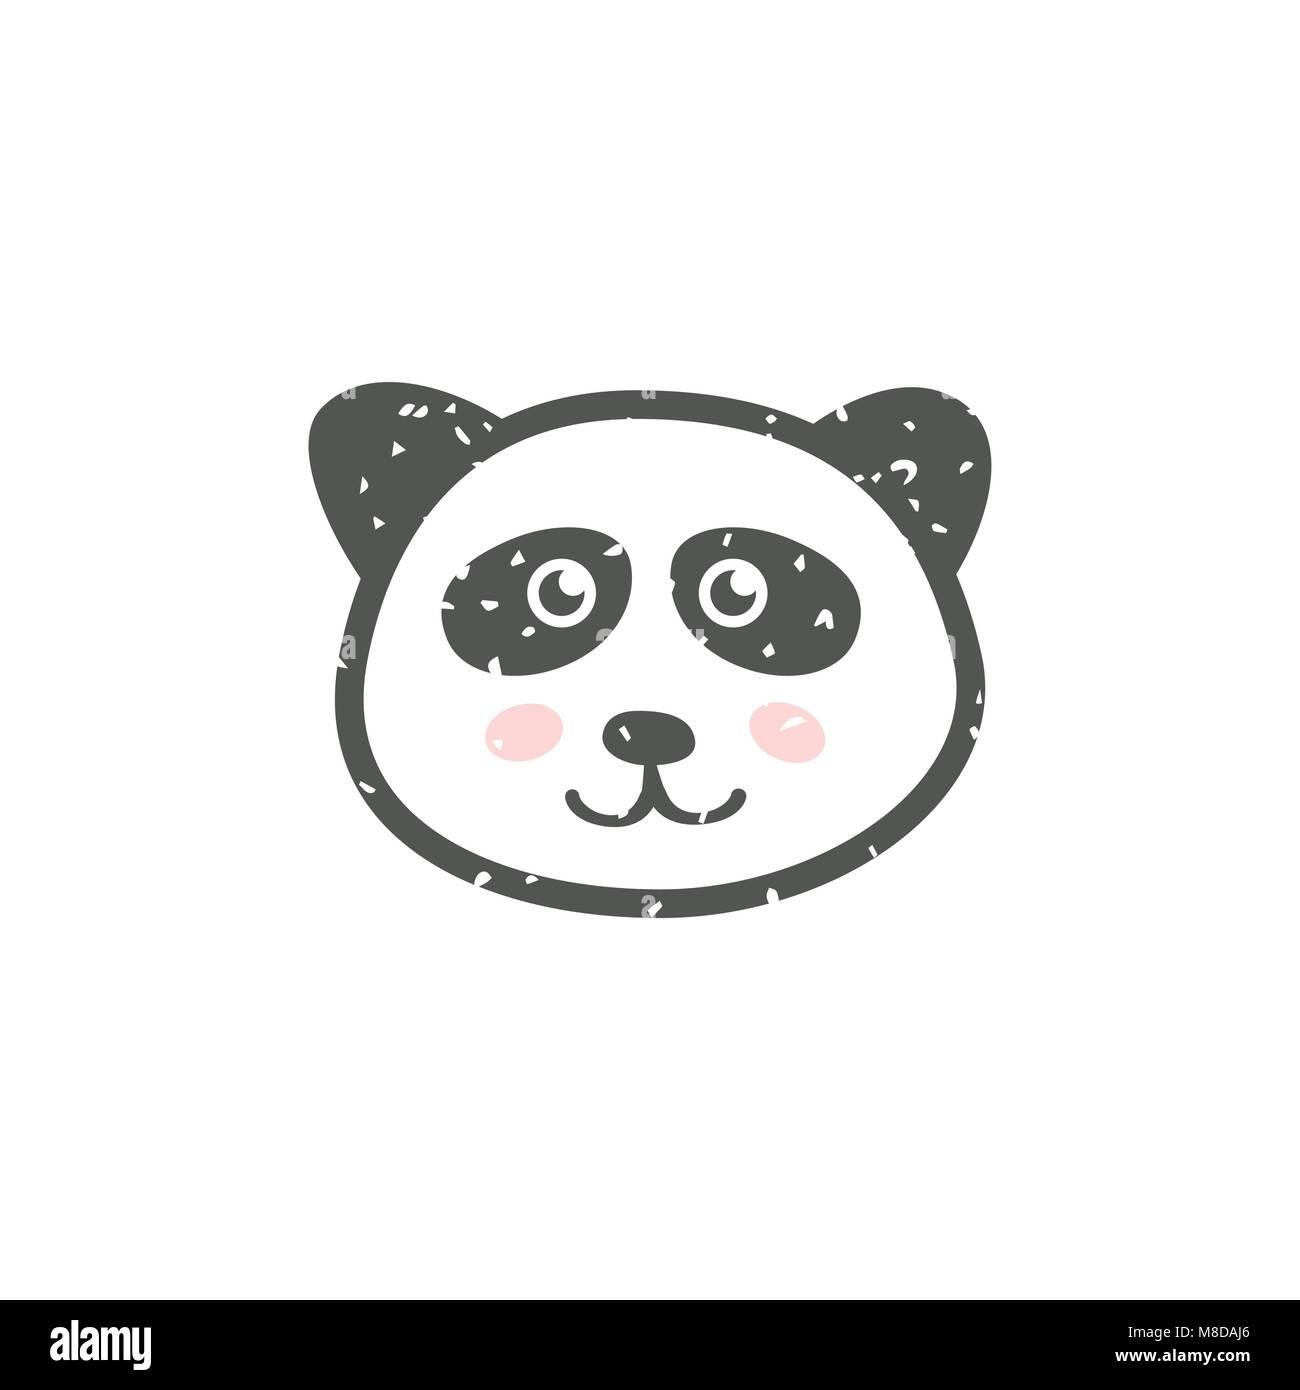 Cute Panda Face - Stock Vector